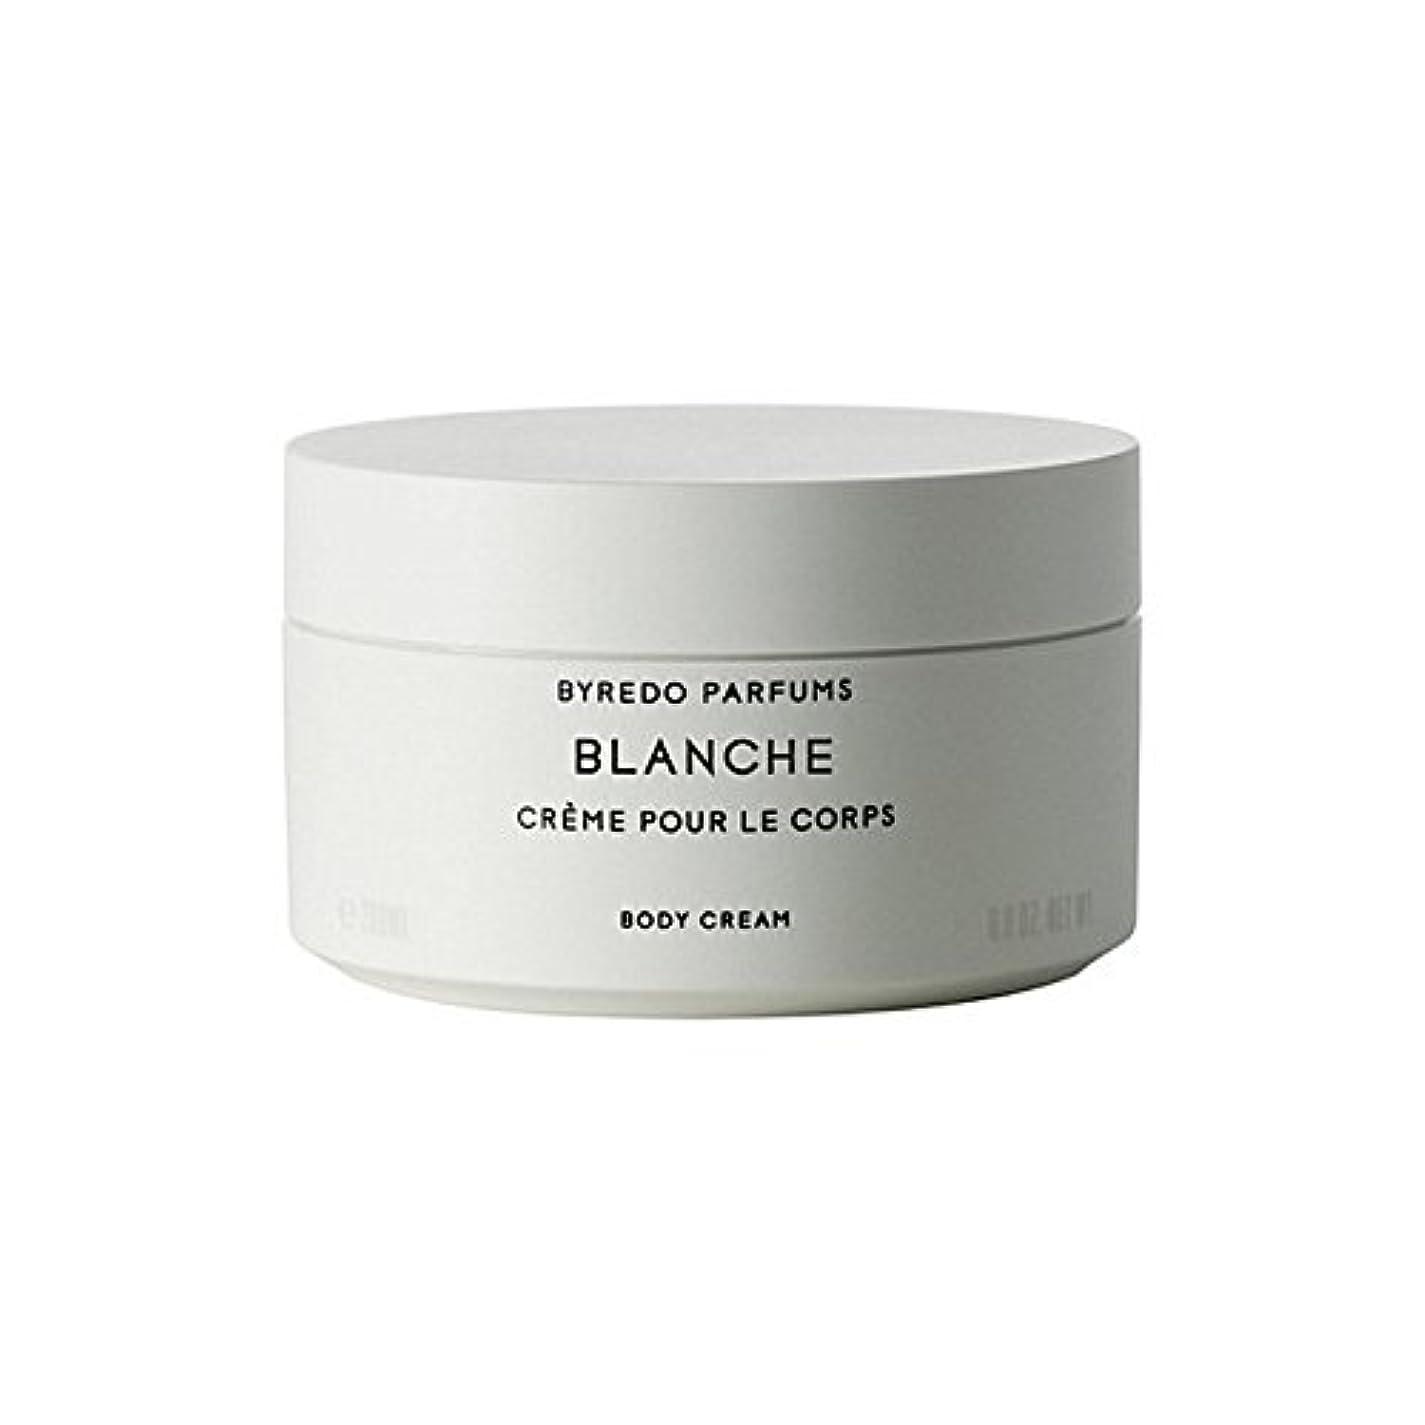 艦隊楽な杖Byredo Blanche Body Cream 200ml - ブランシュボディクリーム200ミリリットル [並行輸入品]